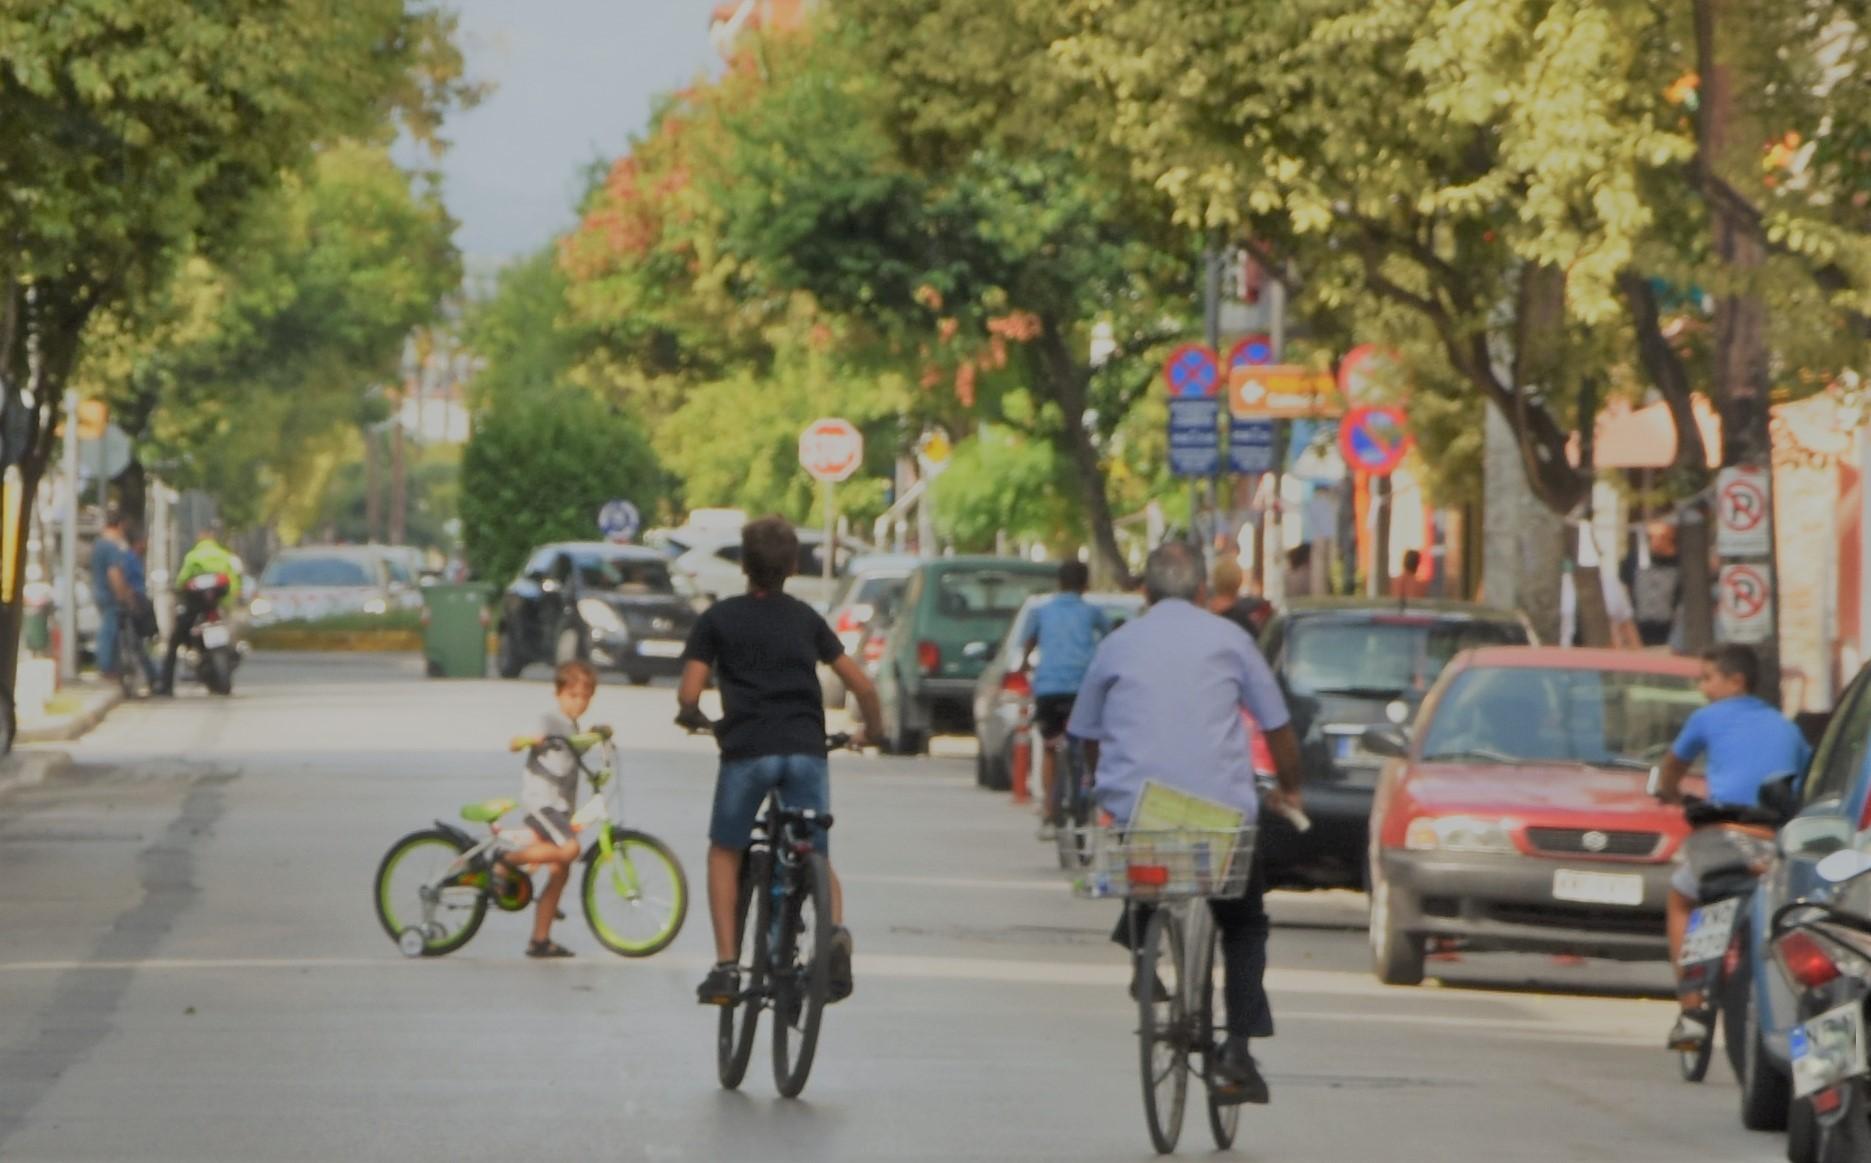 Κατερίνη - Συμβολική ποδηλατοπορεία και μήνυμα για λιγότερη χρήση αυτοκινήτου